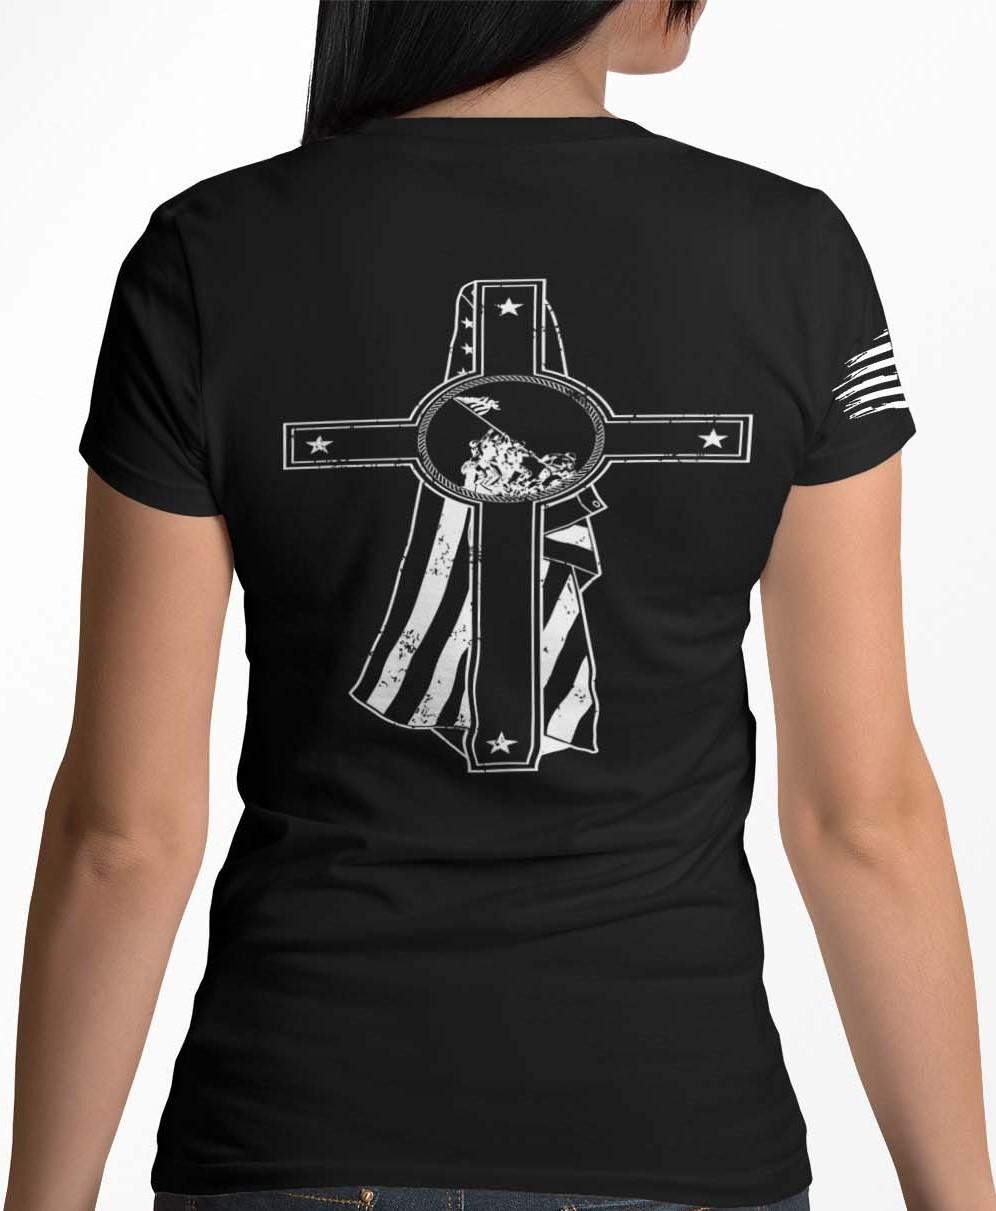 Memorial Day on a womens black tshirt